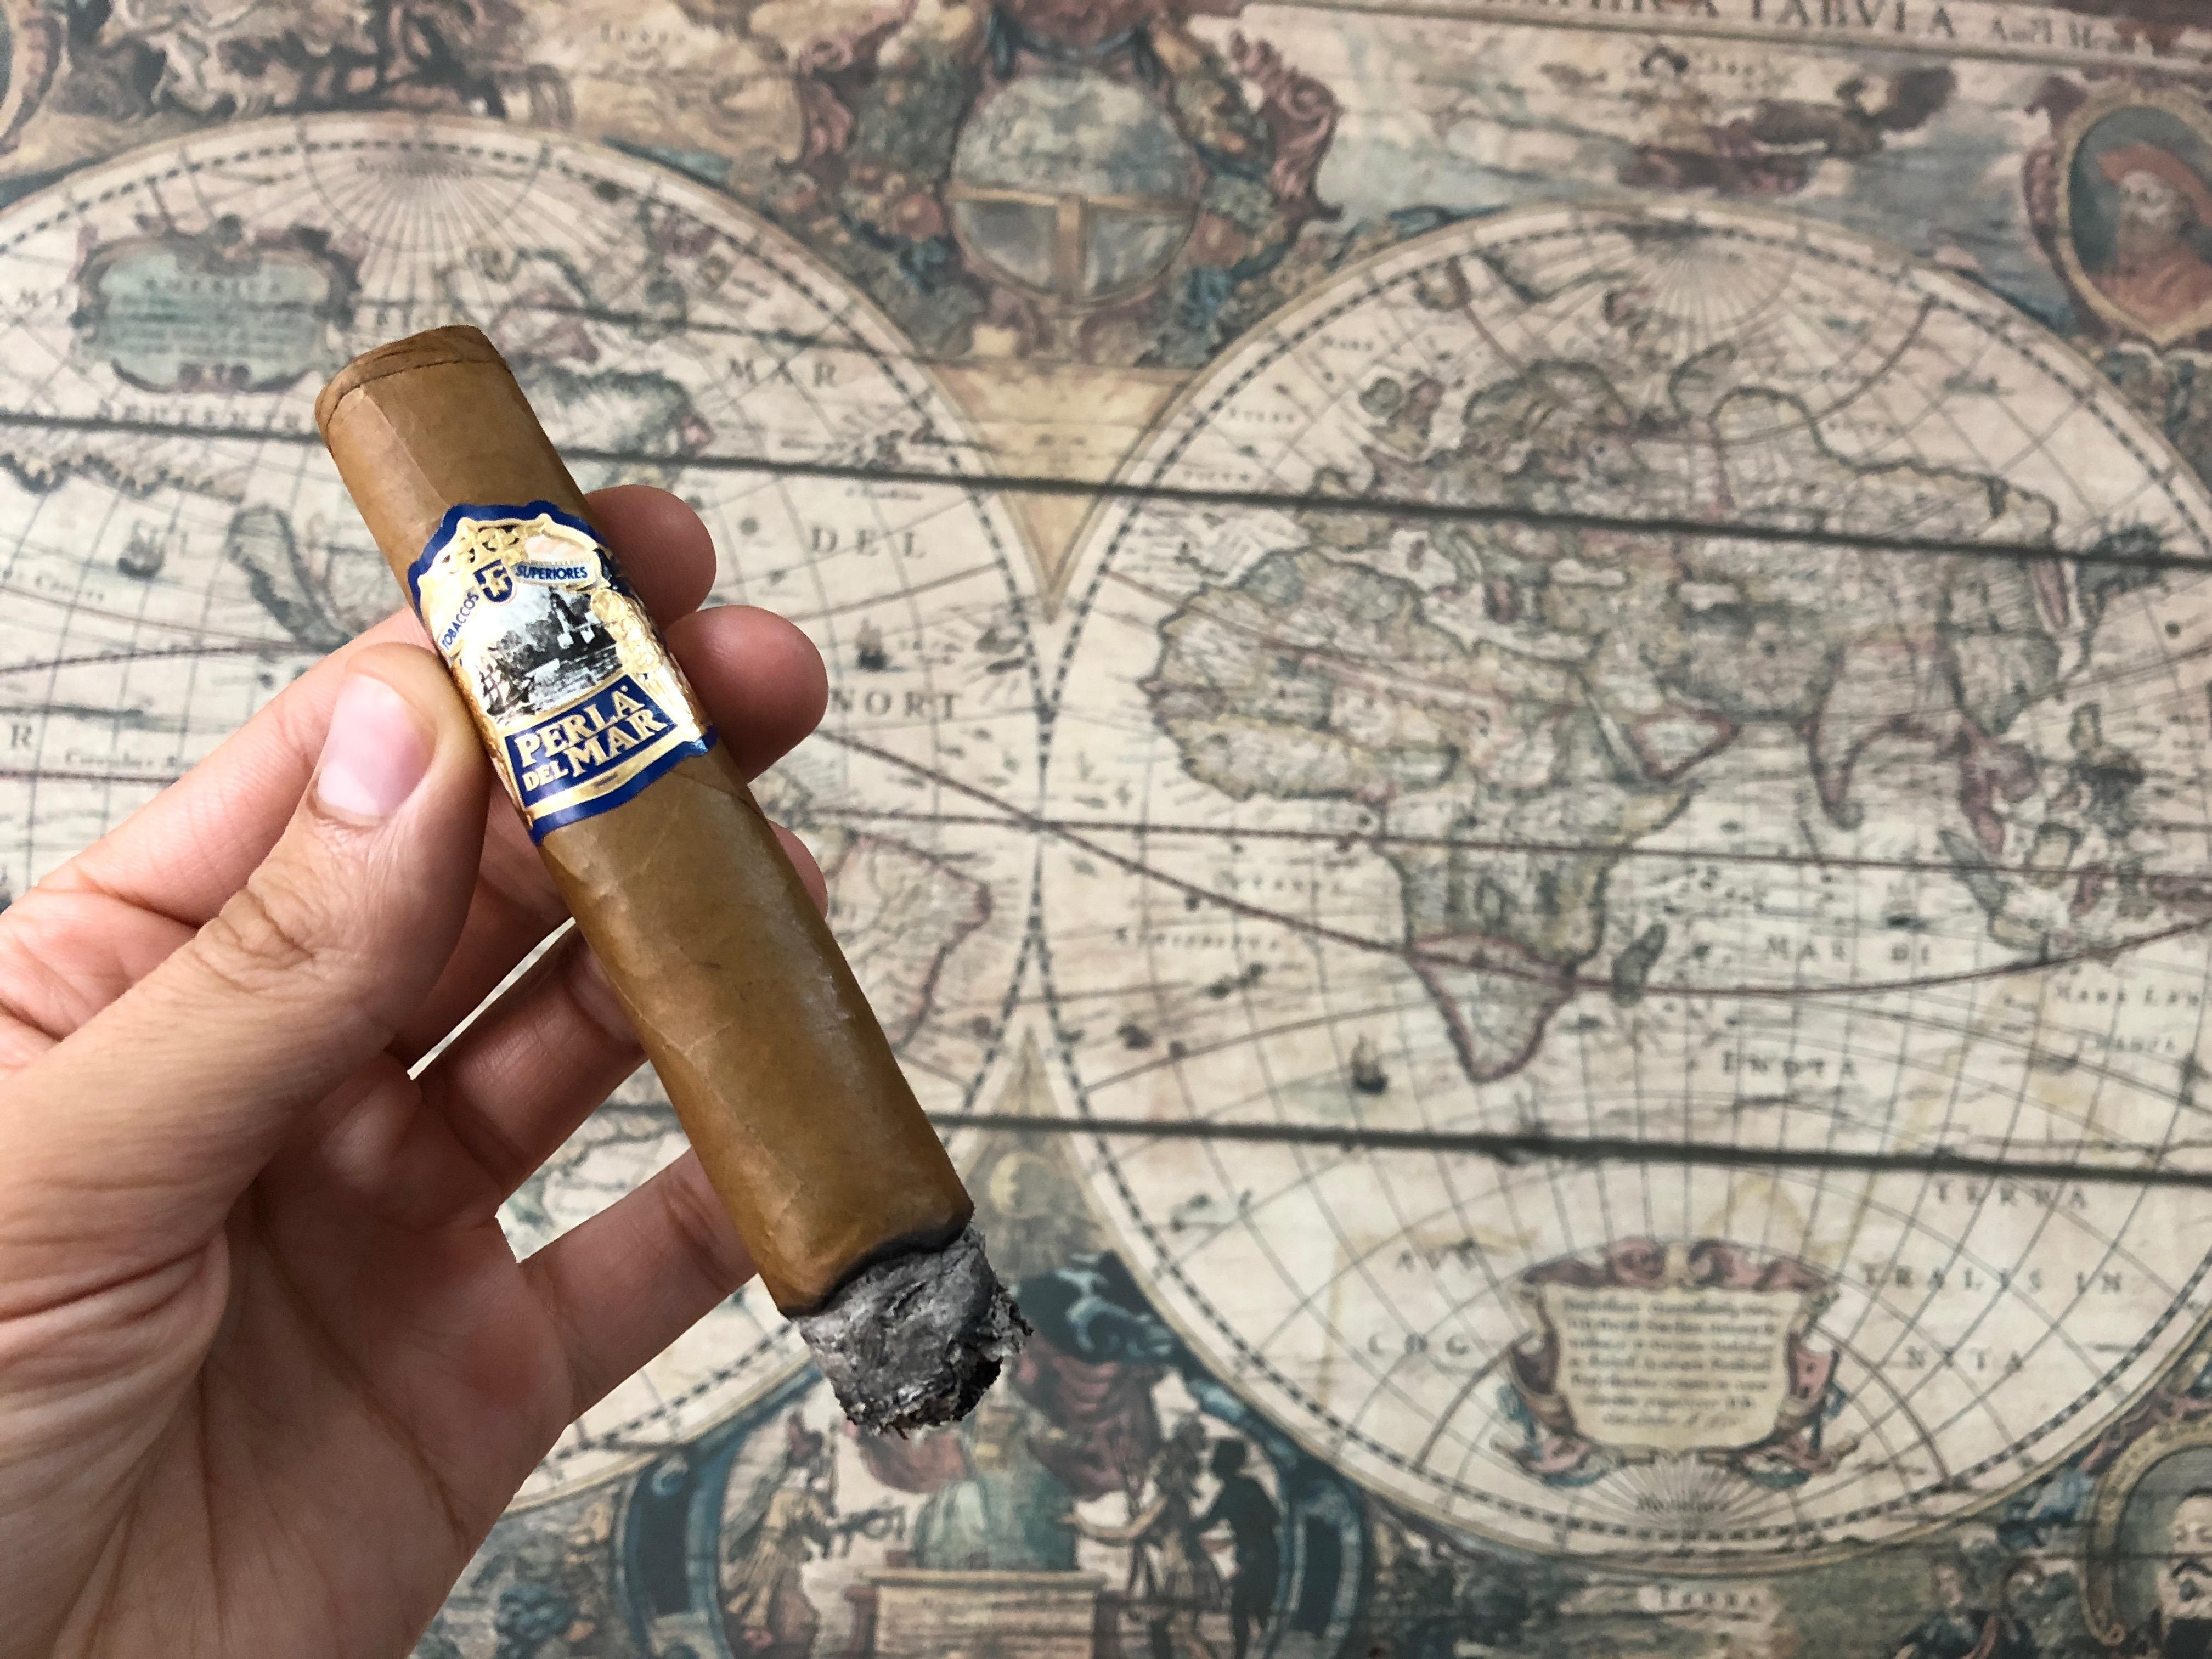 Cygaro Perla del Mar - stworzone przez markę JC Newman, najstarszego w Stanach Zjednoczonych producenta cygar premium